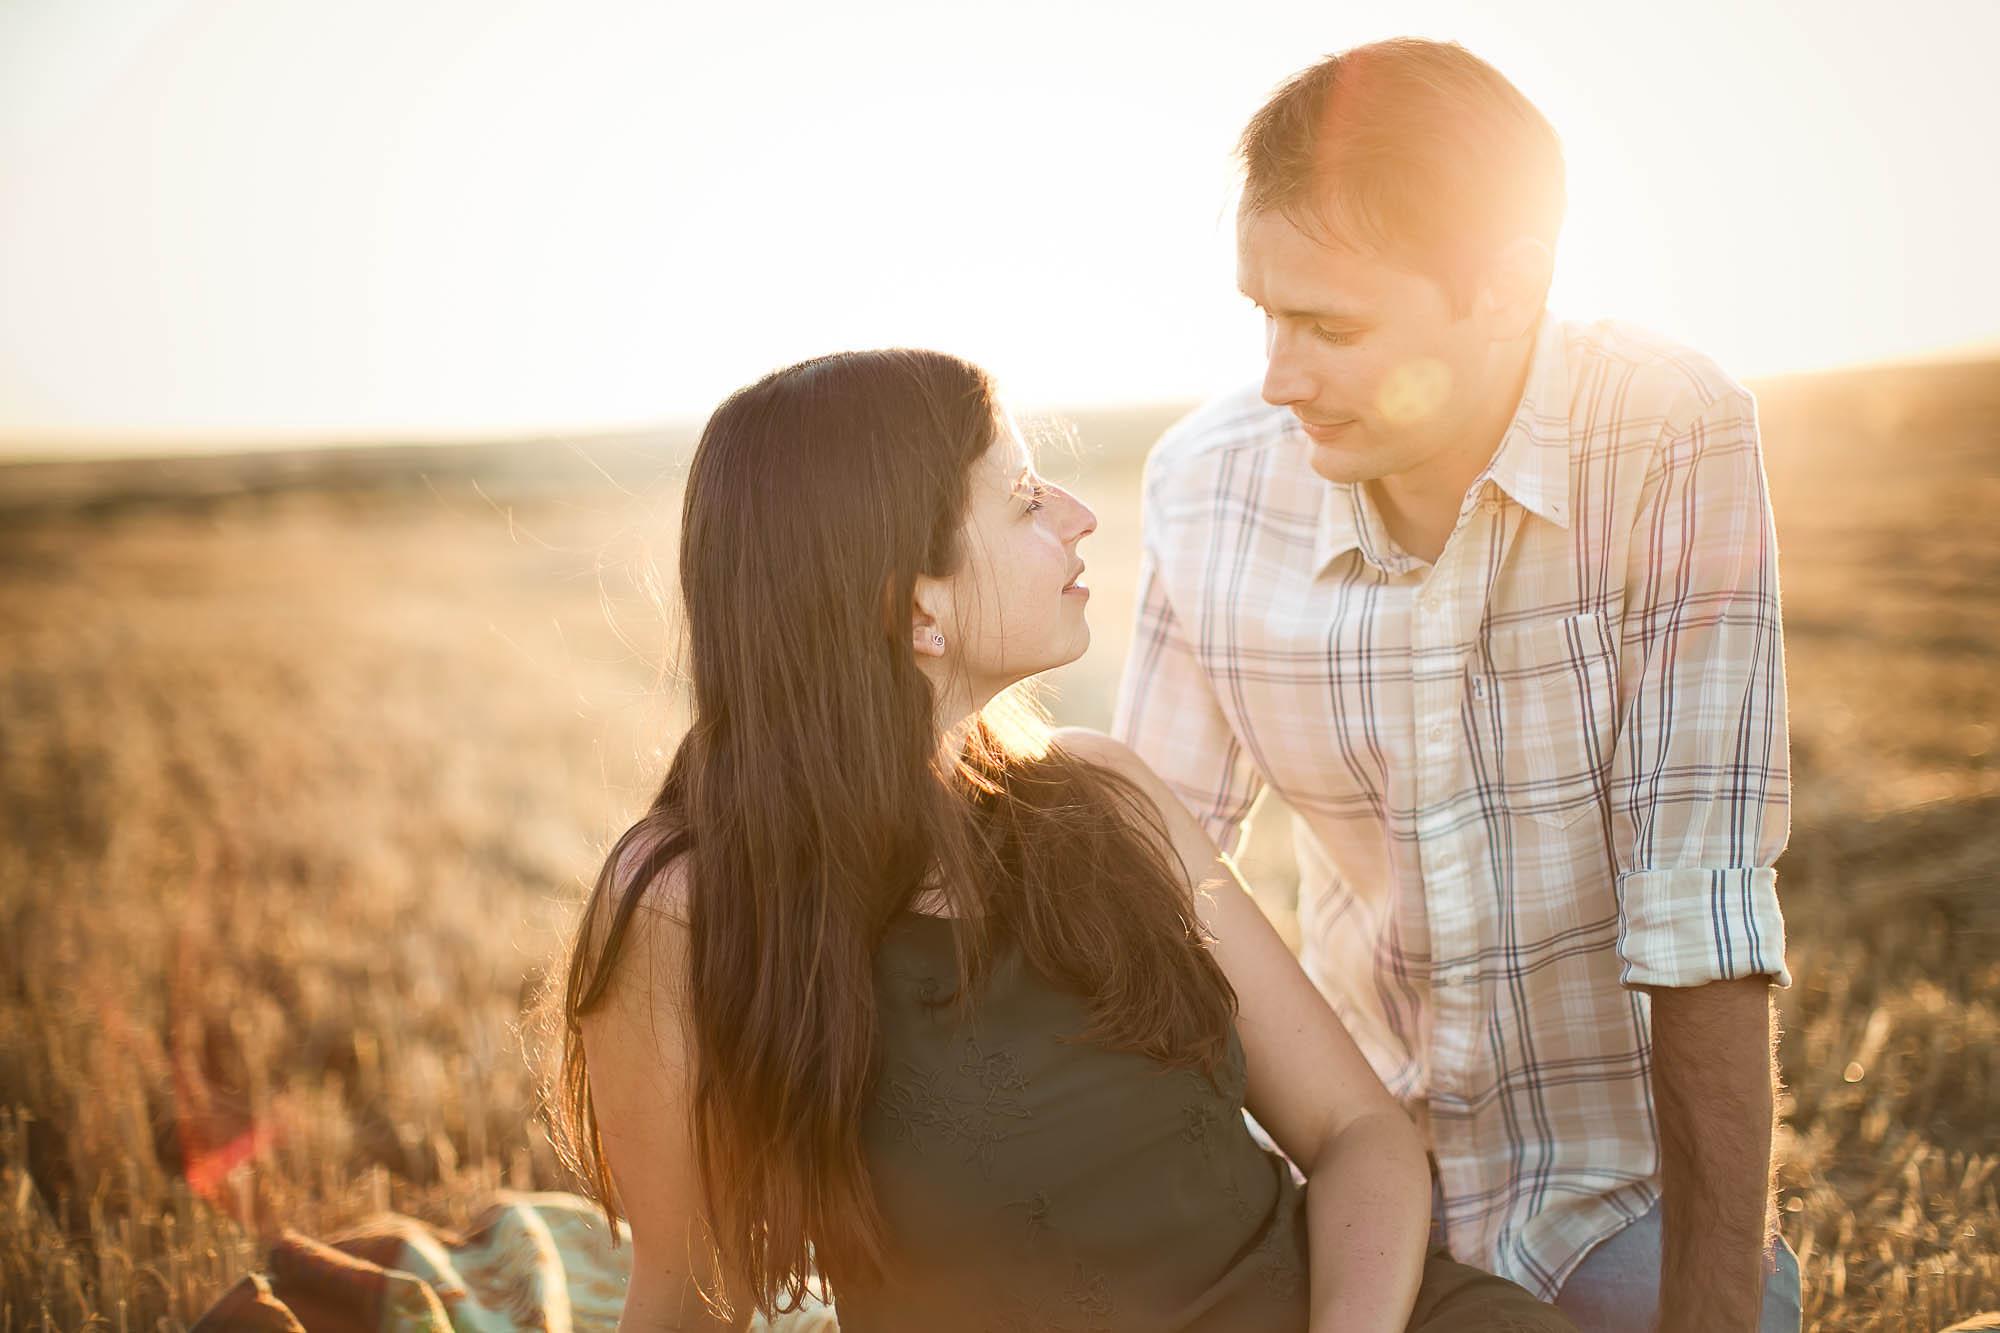 El novio mira a la novia sentados en un campo de trigo